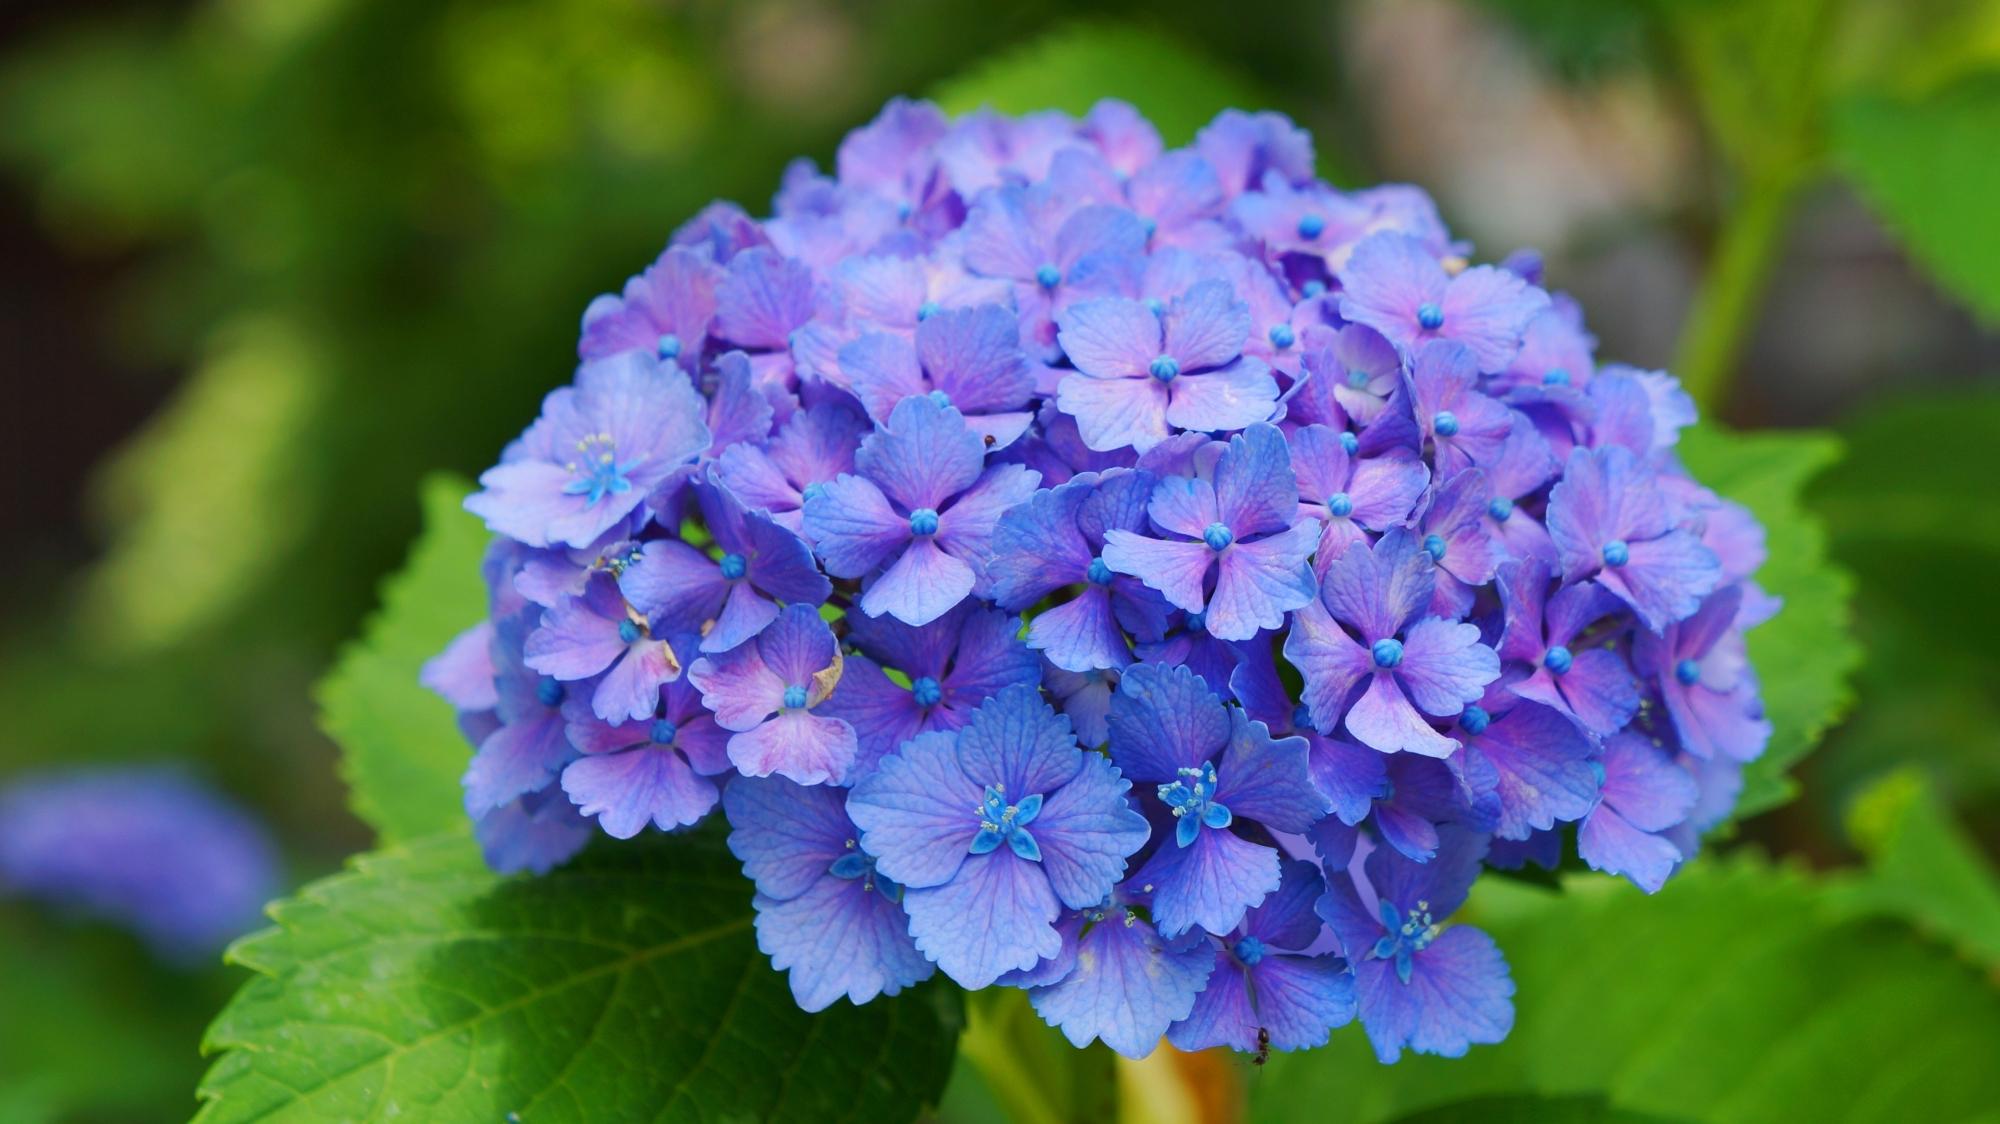 祇園白川の美しく艶やかな青とも紫とも言えそうな紫陽花